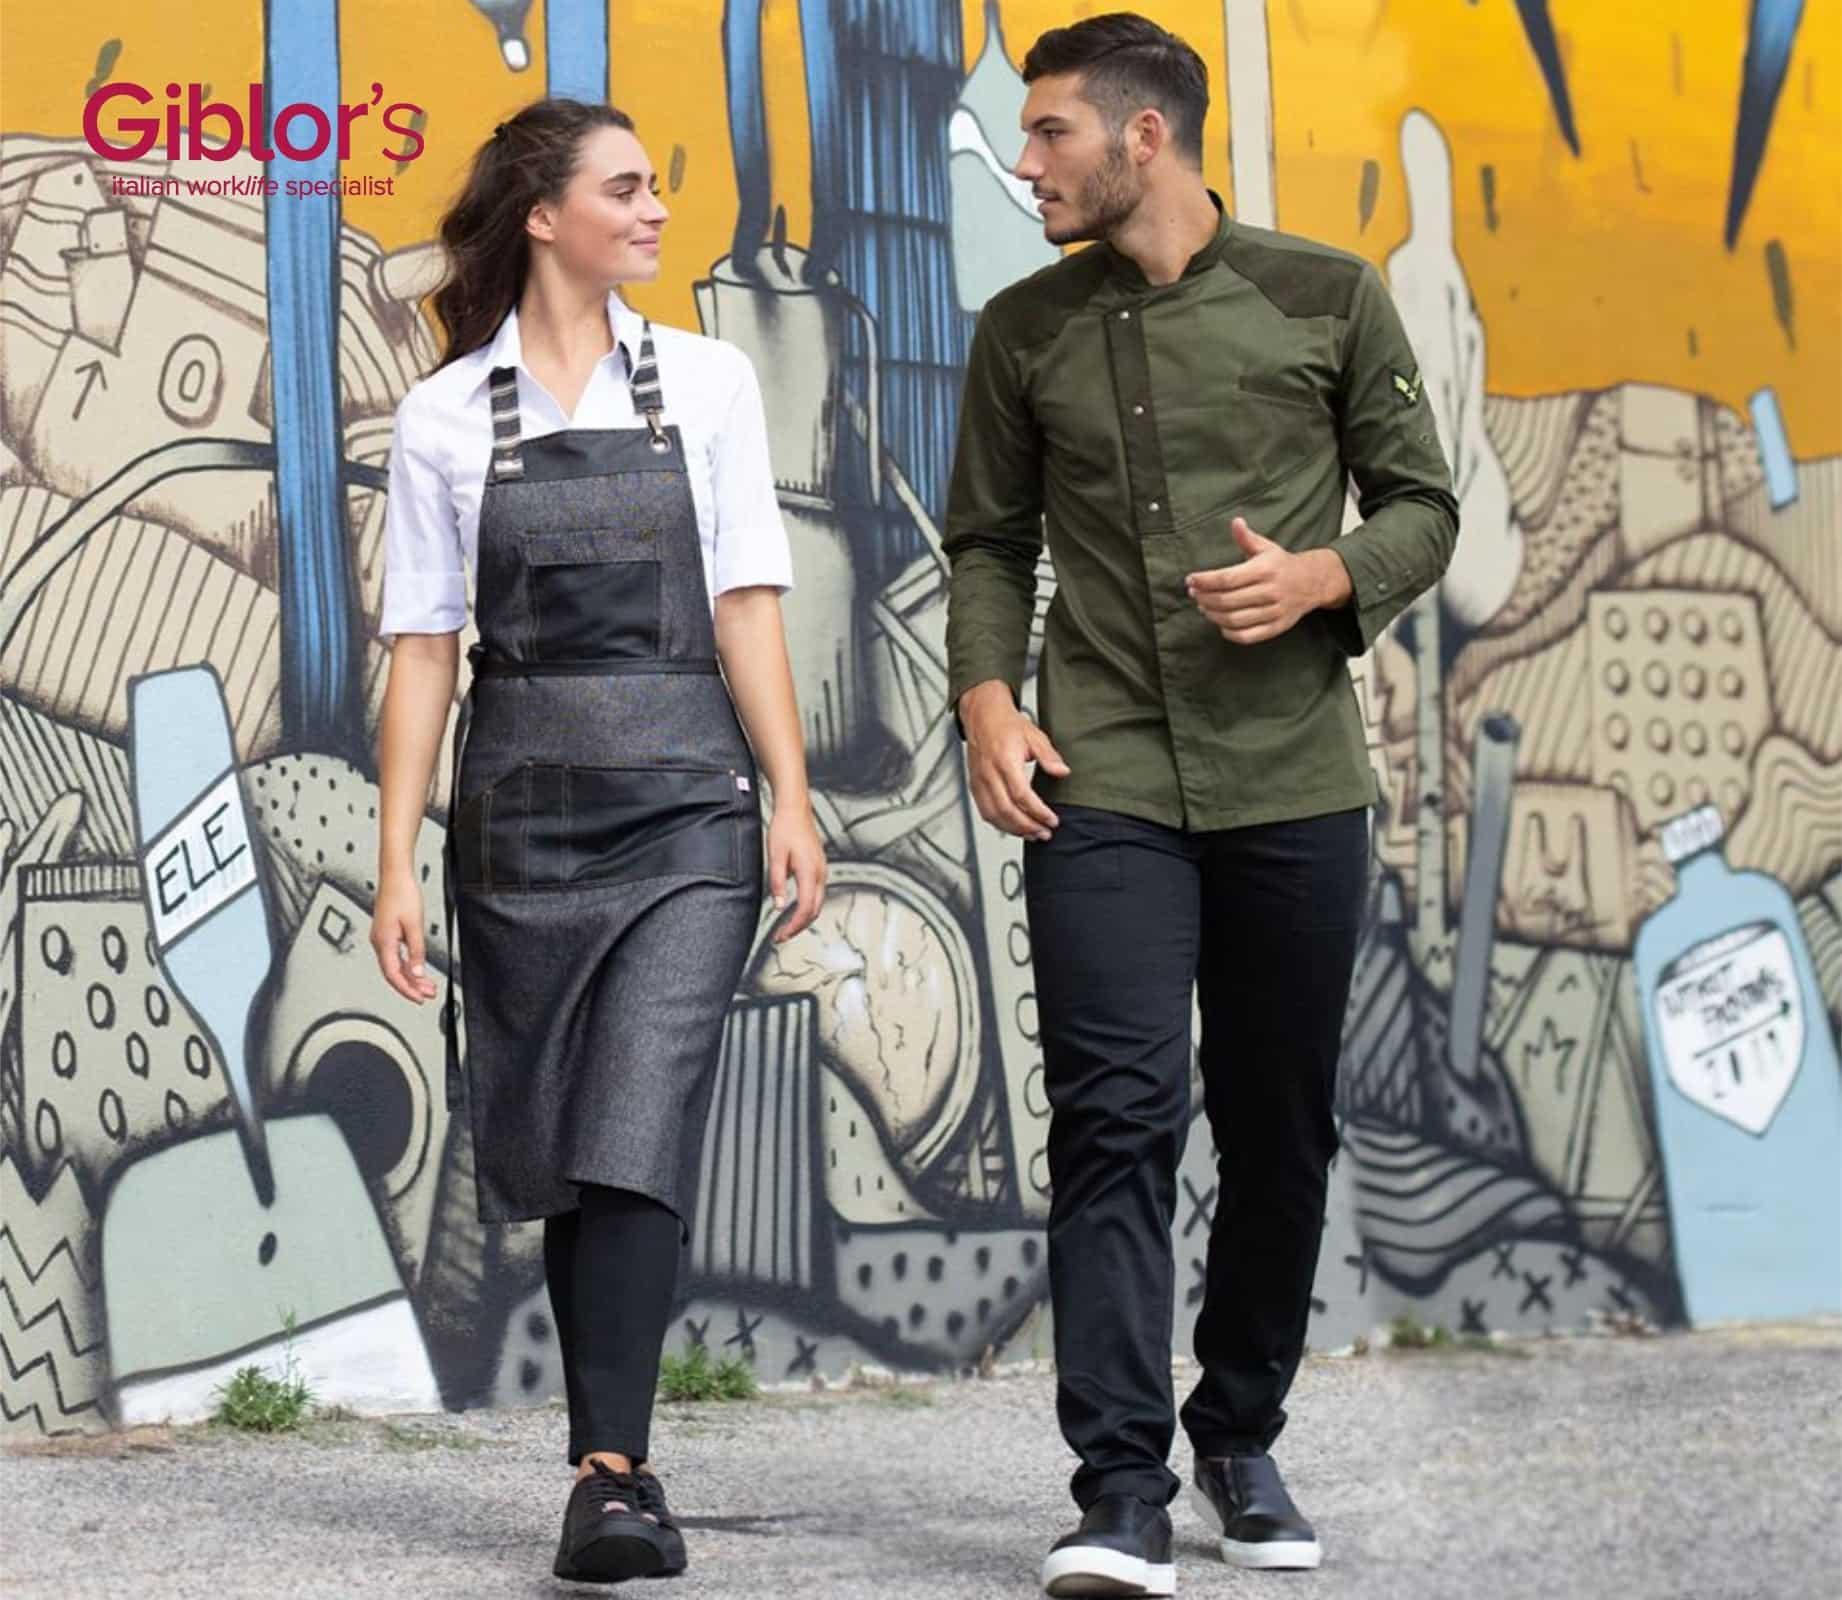 banner-home-abbigliamento-da-lavoro-grembiuli-giblors